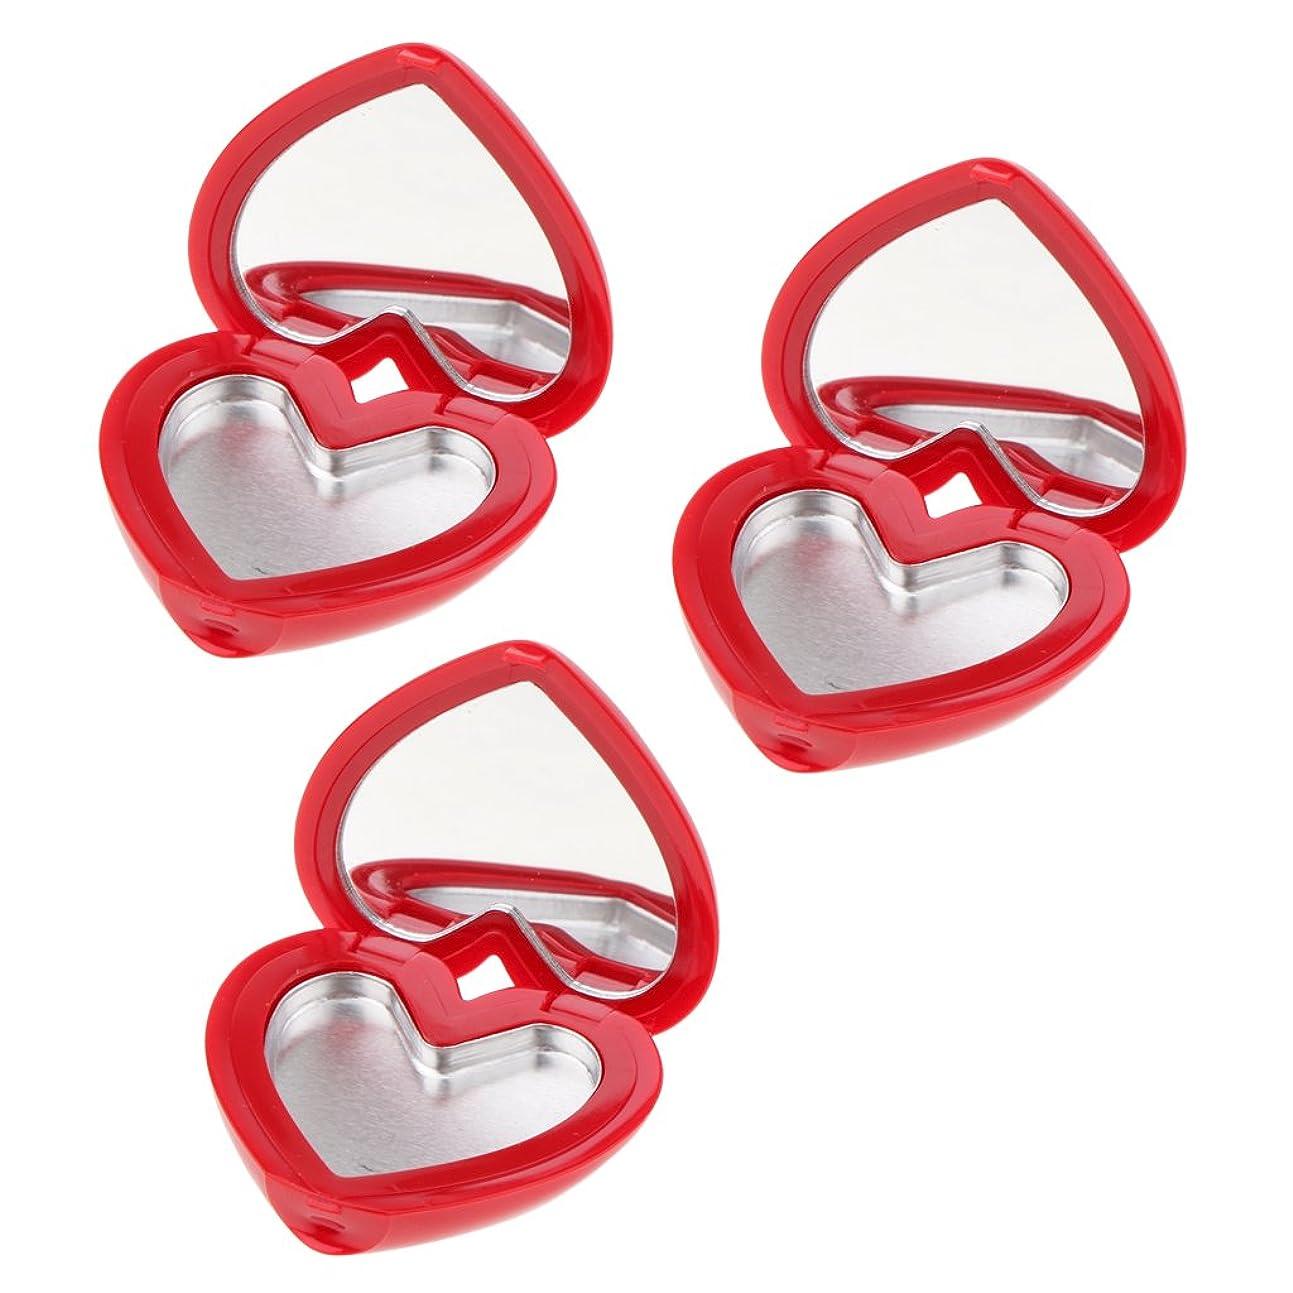 硬化するクランシーはげPerfk コスメ 詰替え 収納ケース 口紅 アイシャドウ ハート型 手作り プレゼント おしゃれ 全4色 - 赤